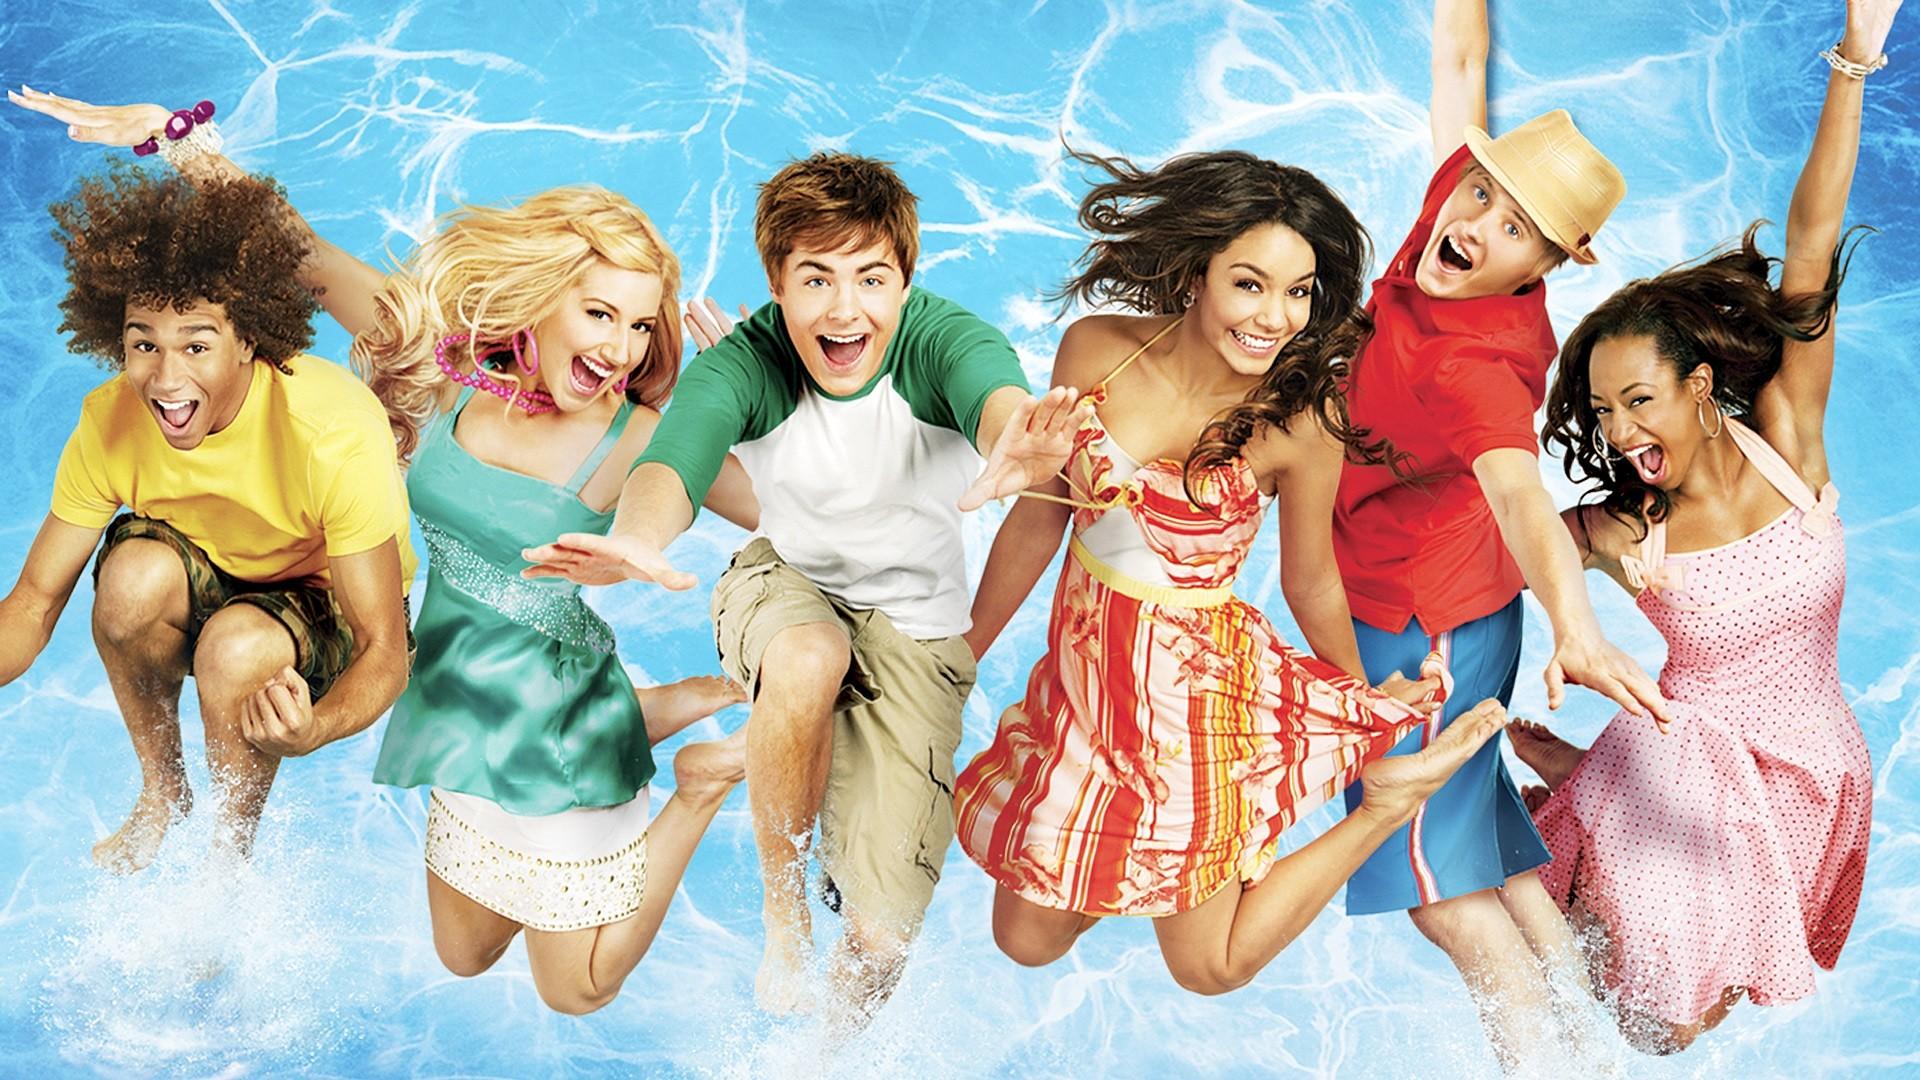 High School Musical Wallpaper Wallpapertag